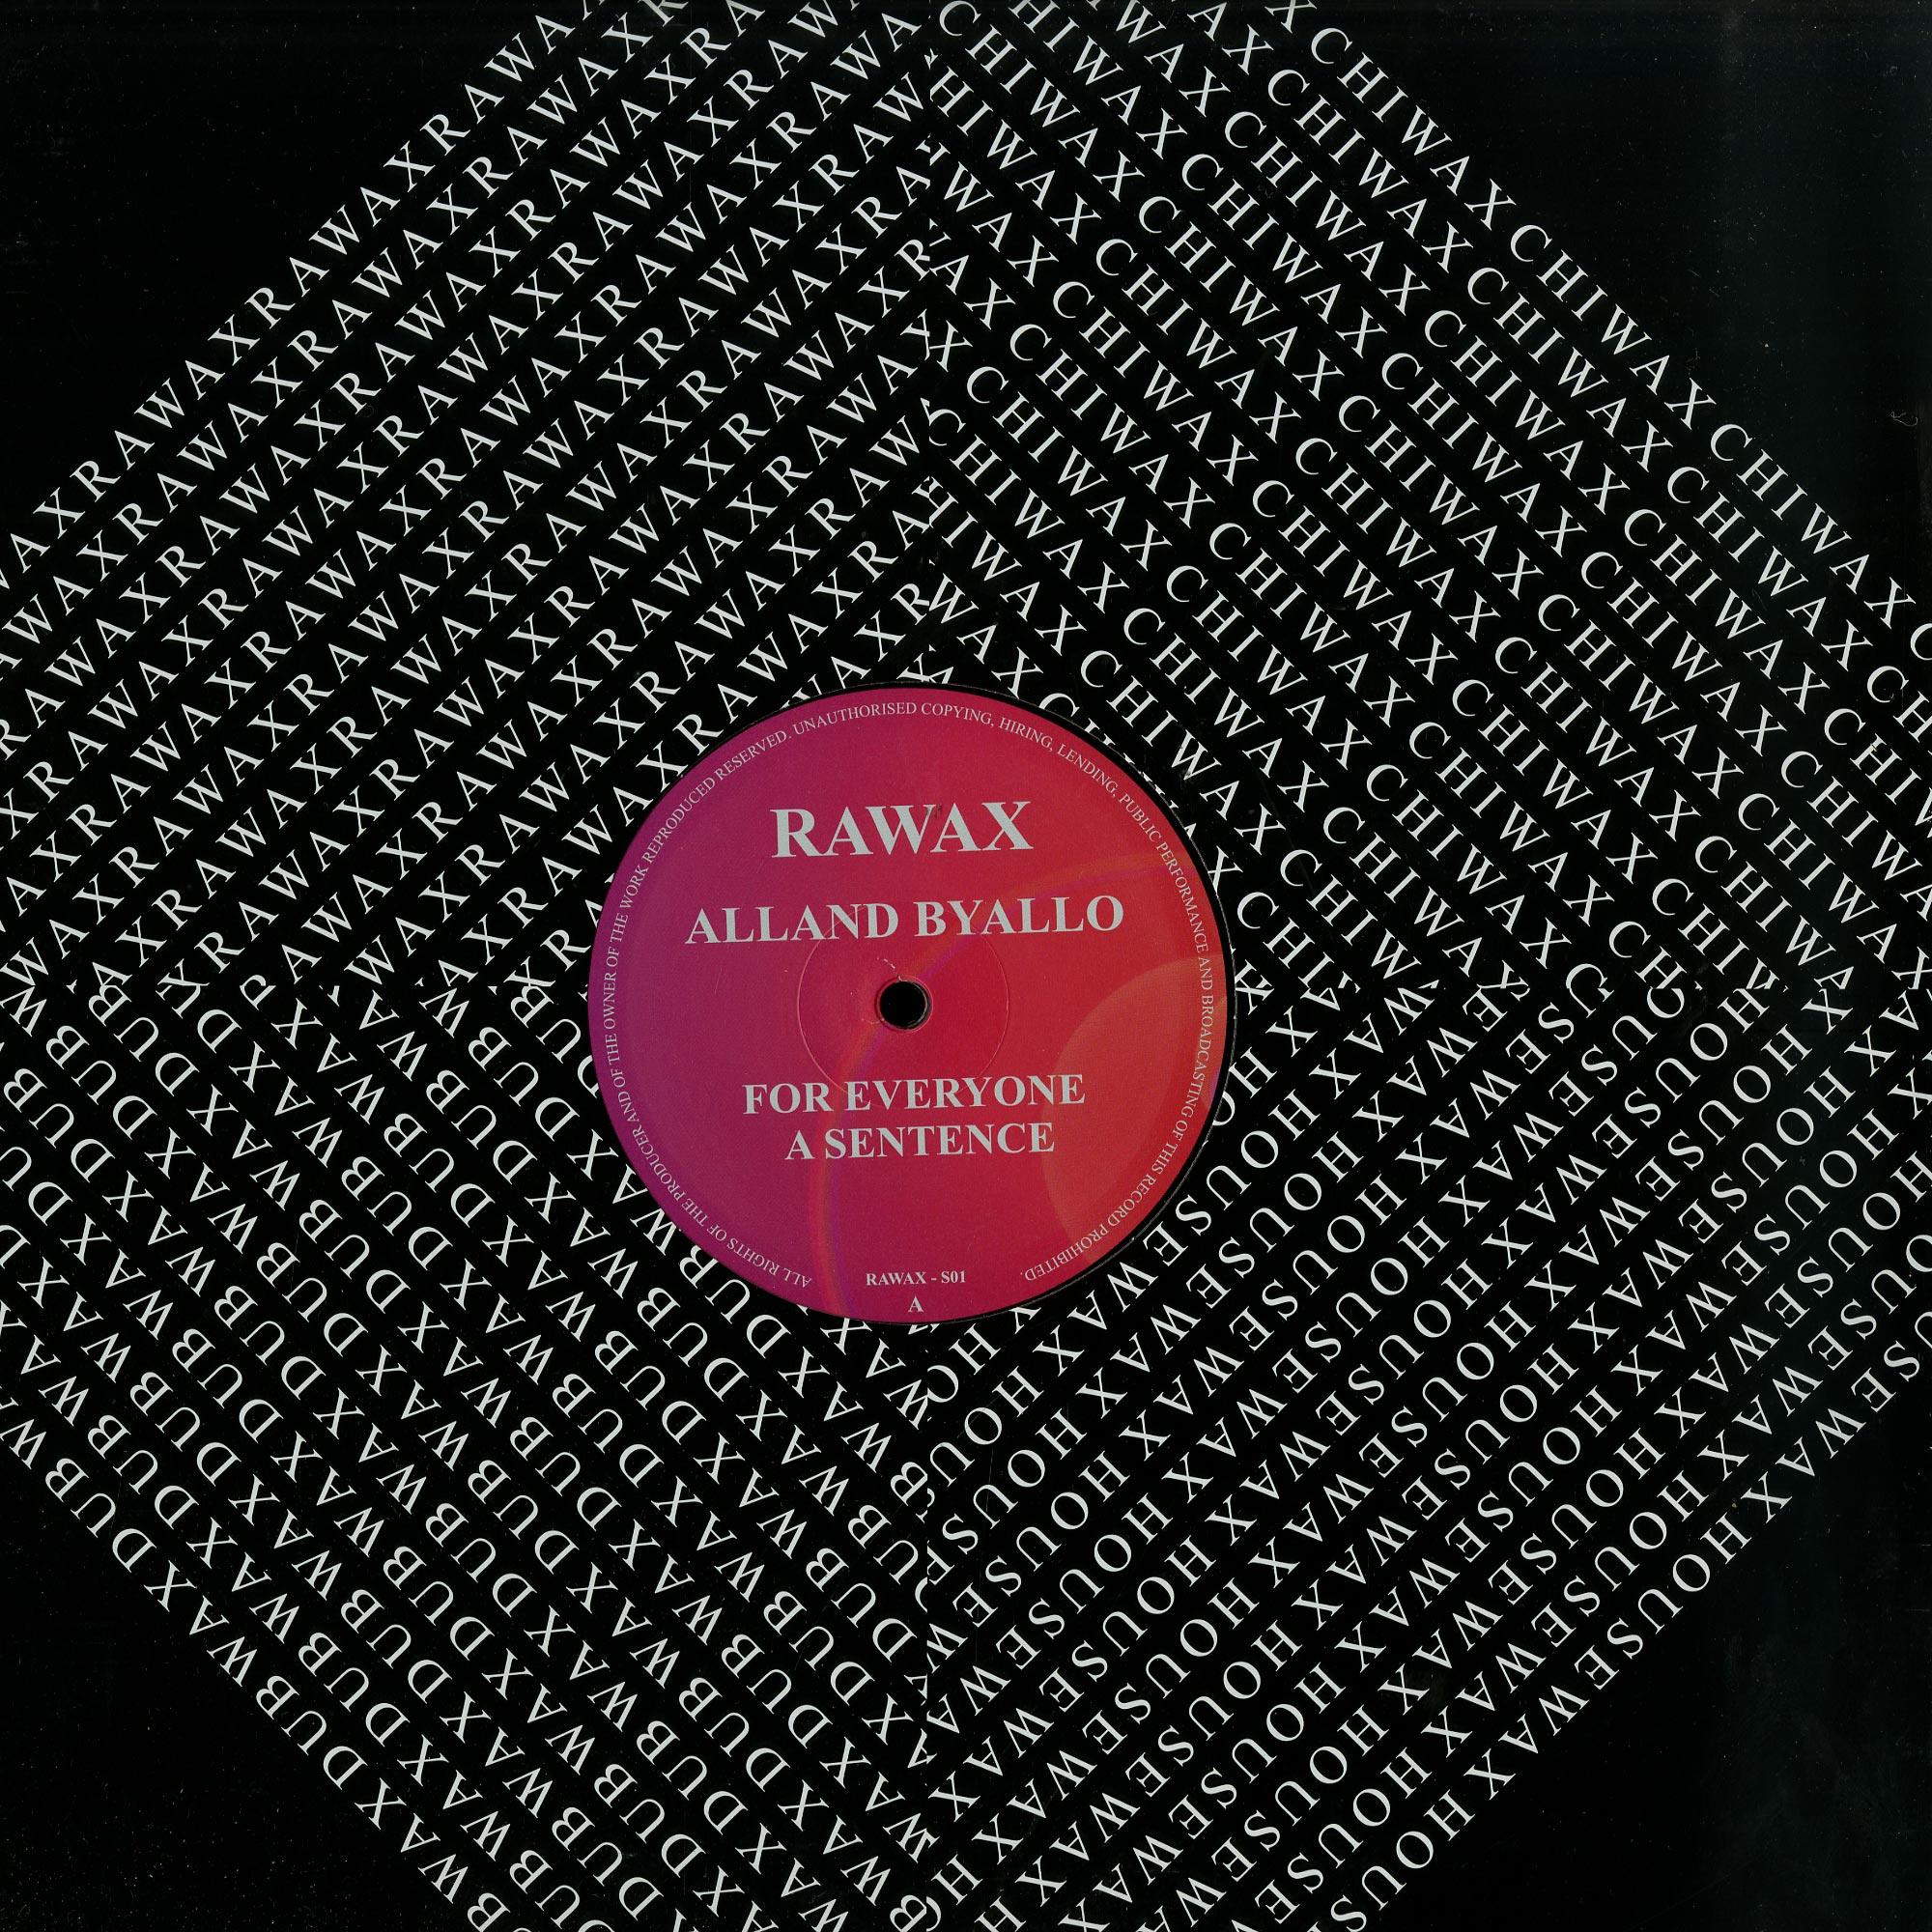 Alland Byallo - FOR EVERYONE A SENTENCE